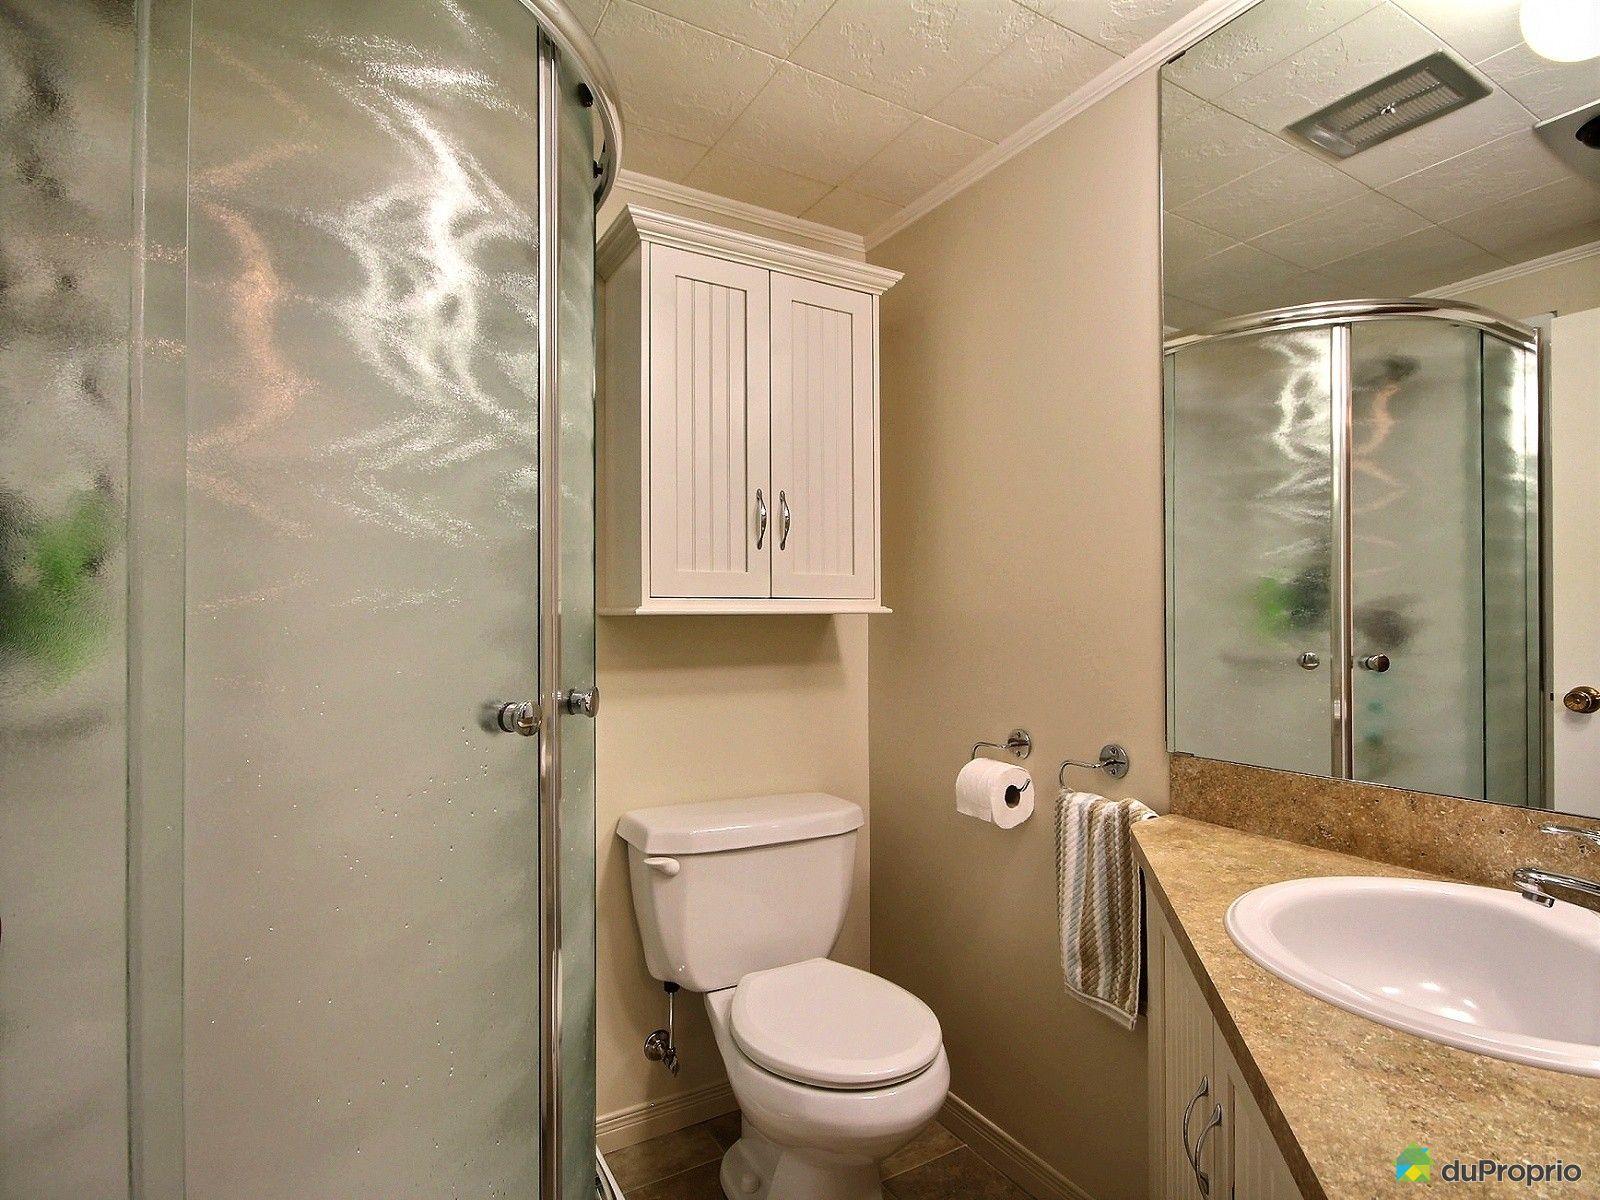 maison vendre trois rivi res 1665 rue tavibois immobilier qu bec duproprio 459784. Black Bedroom Furniture Sets. Home Design Ideas